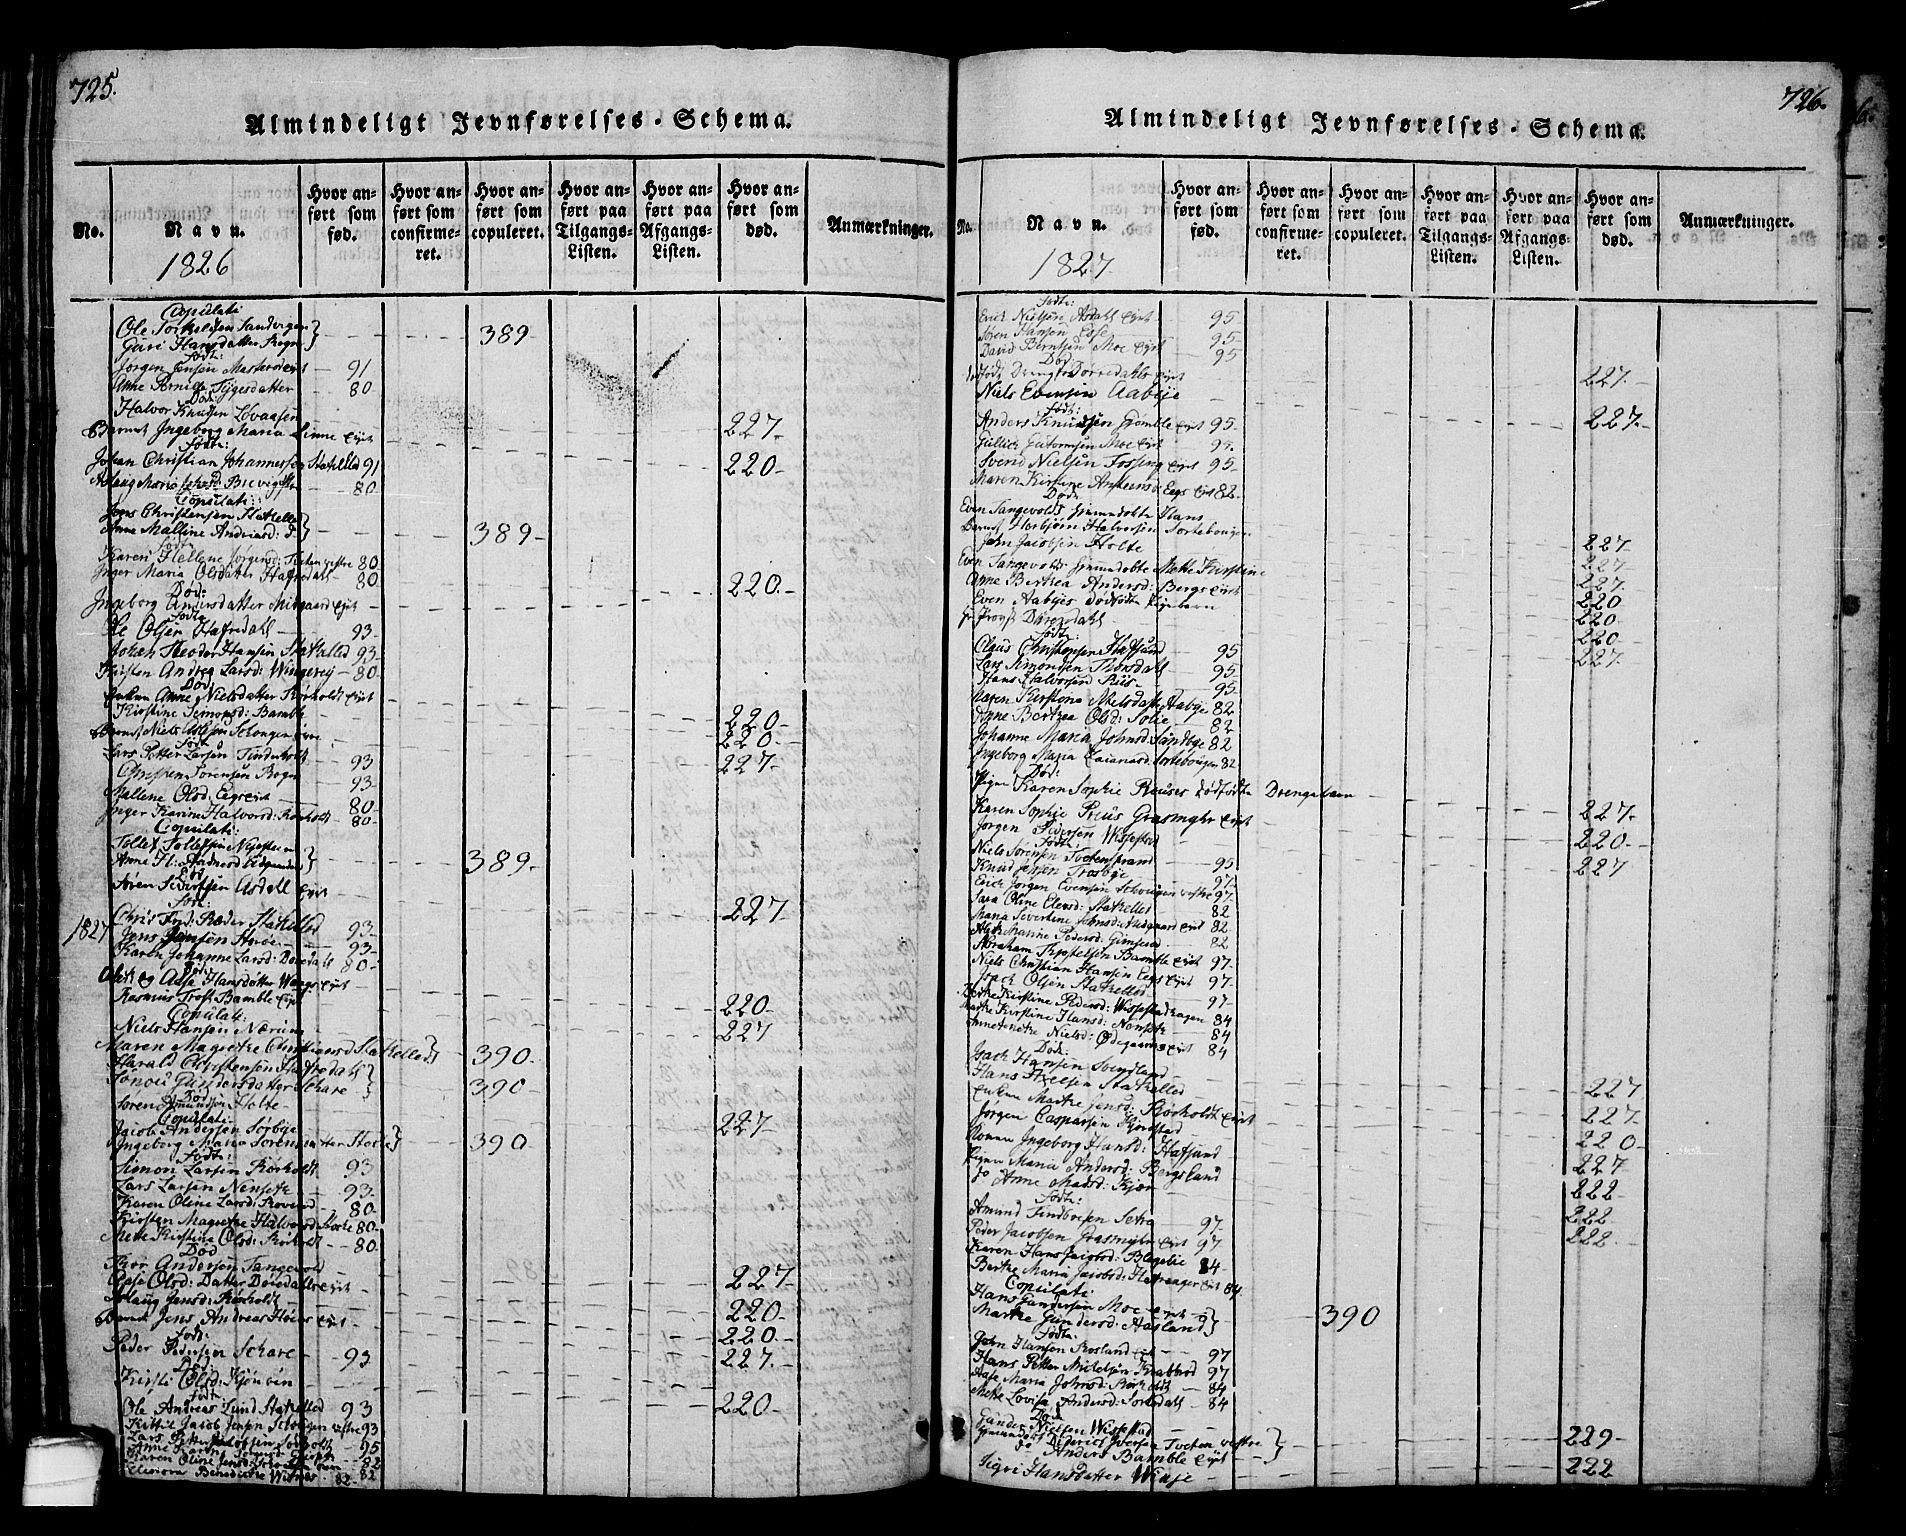 SAKO, Bamble kirkebøker, G/Ga/L0005: Klokkerbok nr. I 5, 1814-1855, s. 725-726